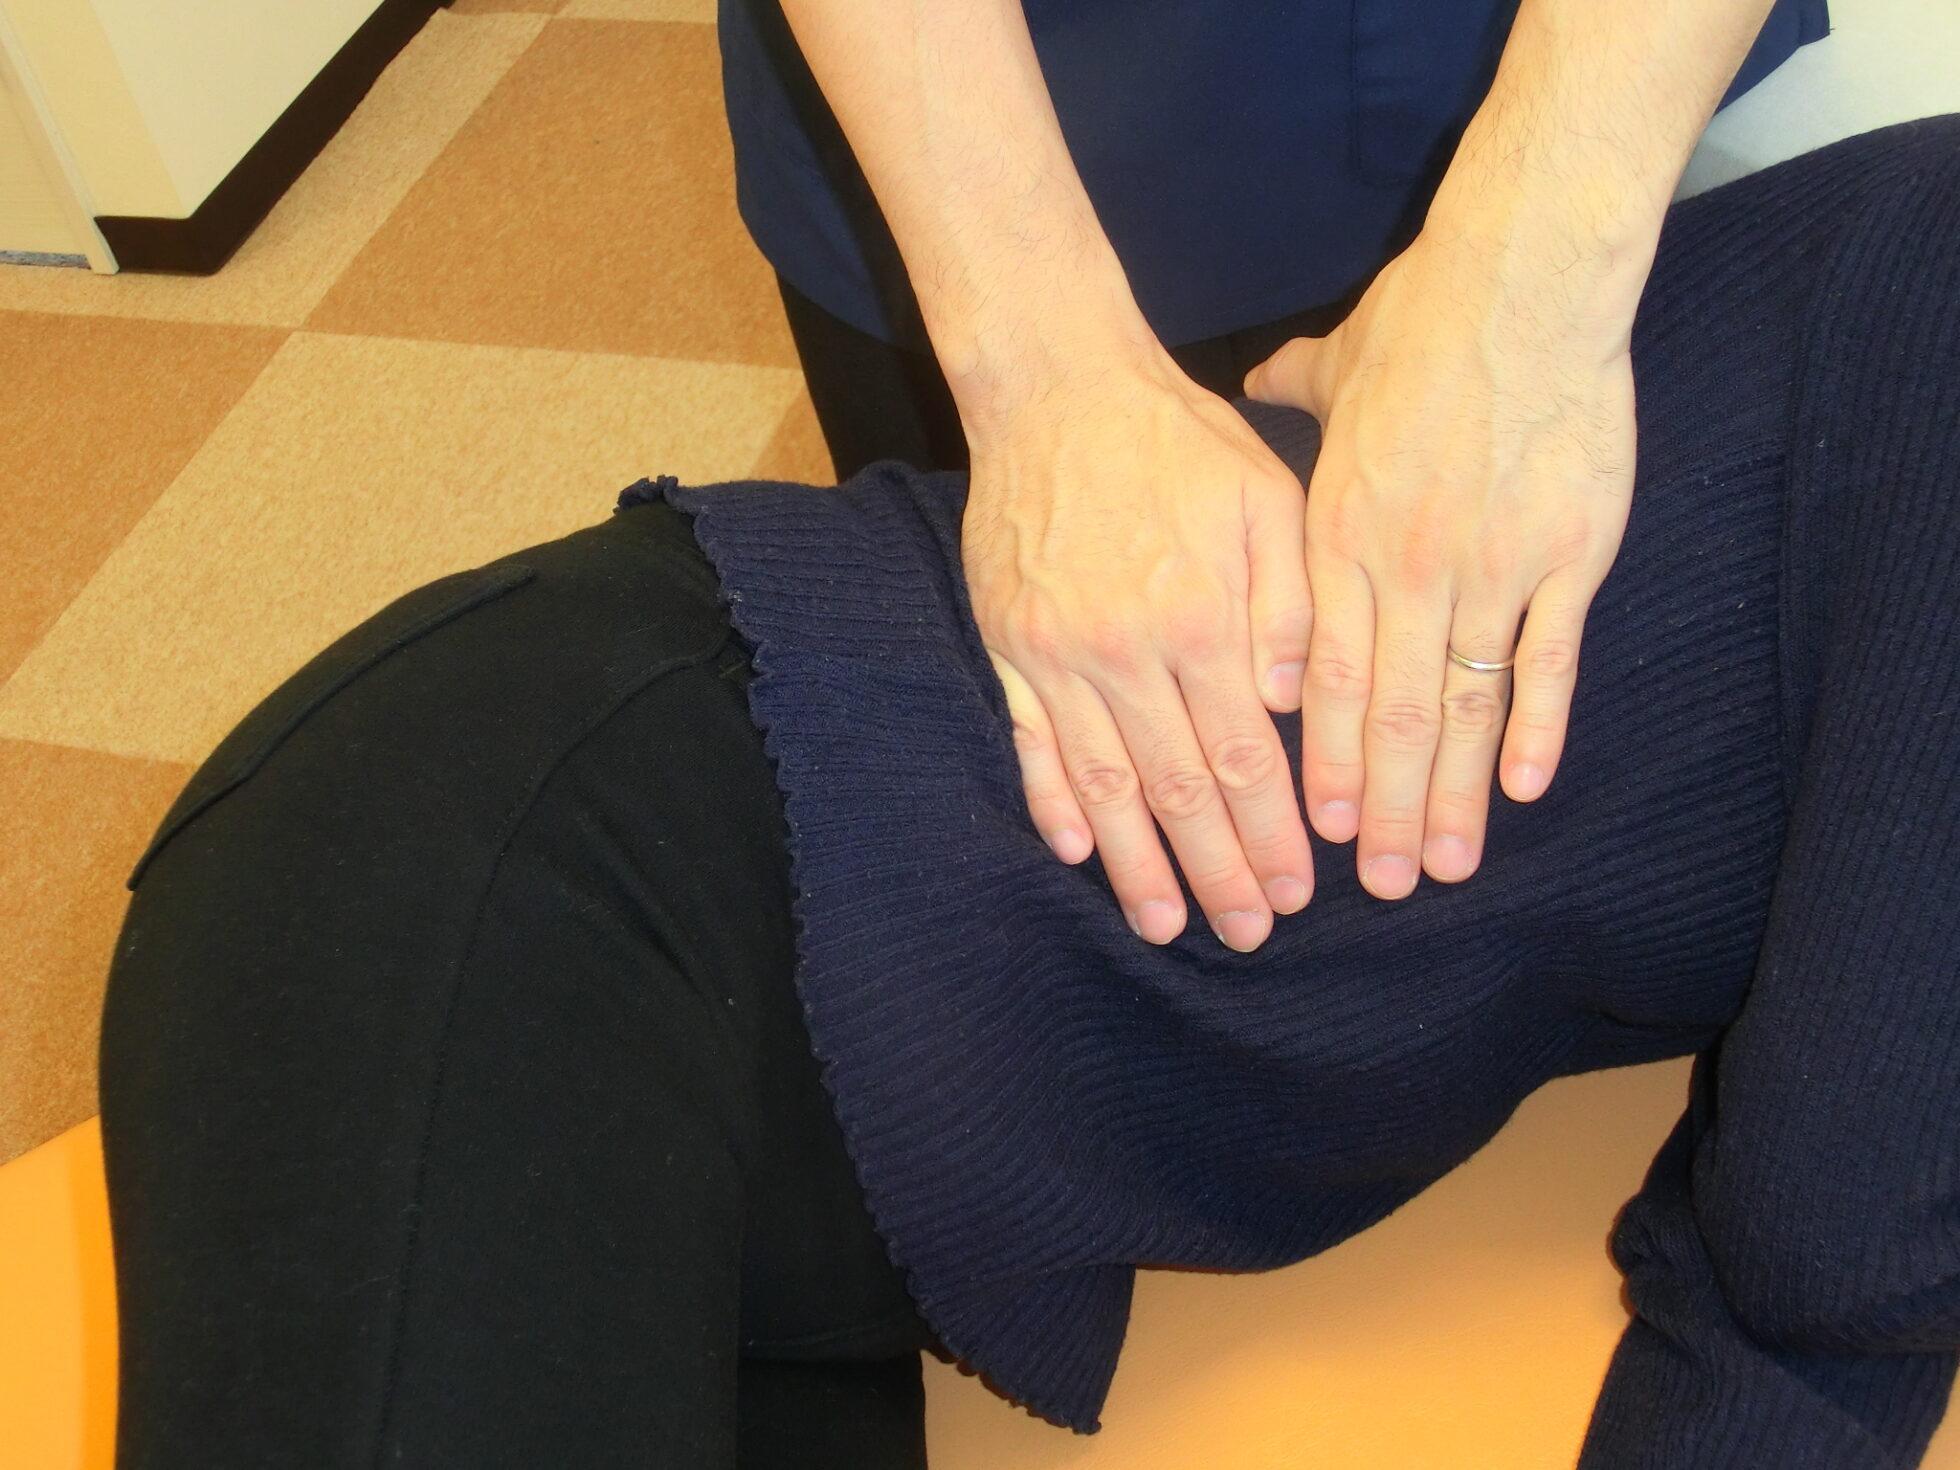 腰痛改善とくびれもできるマジカル骨盤矯正